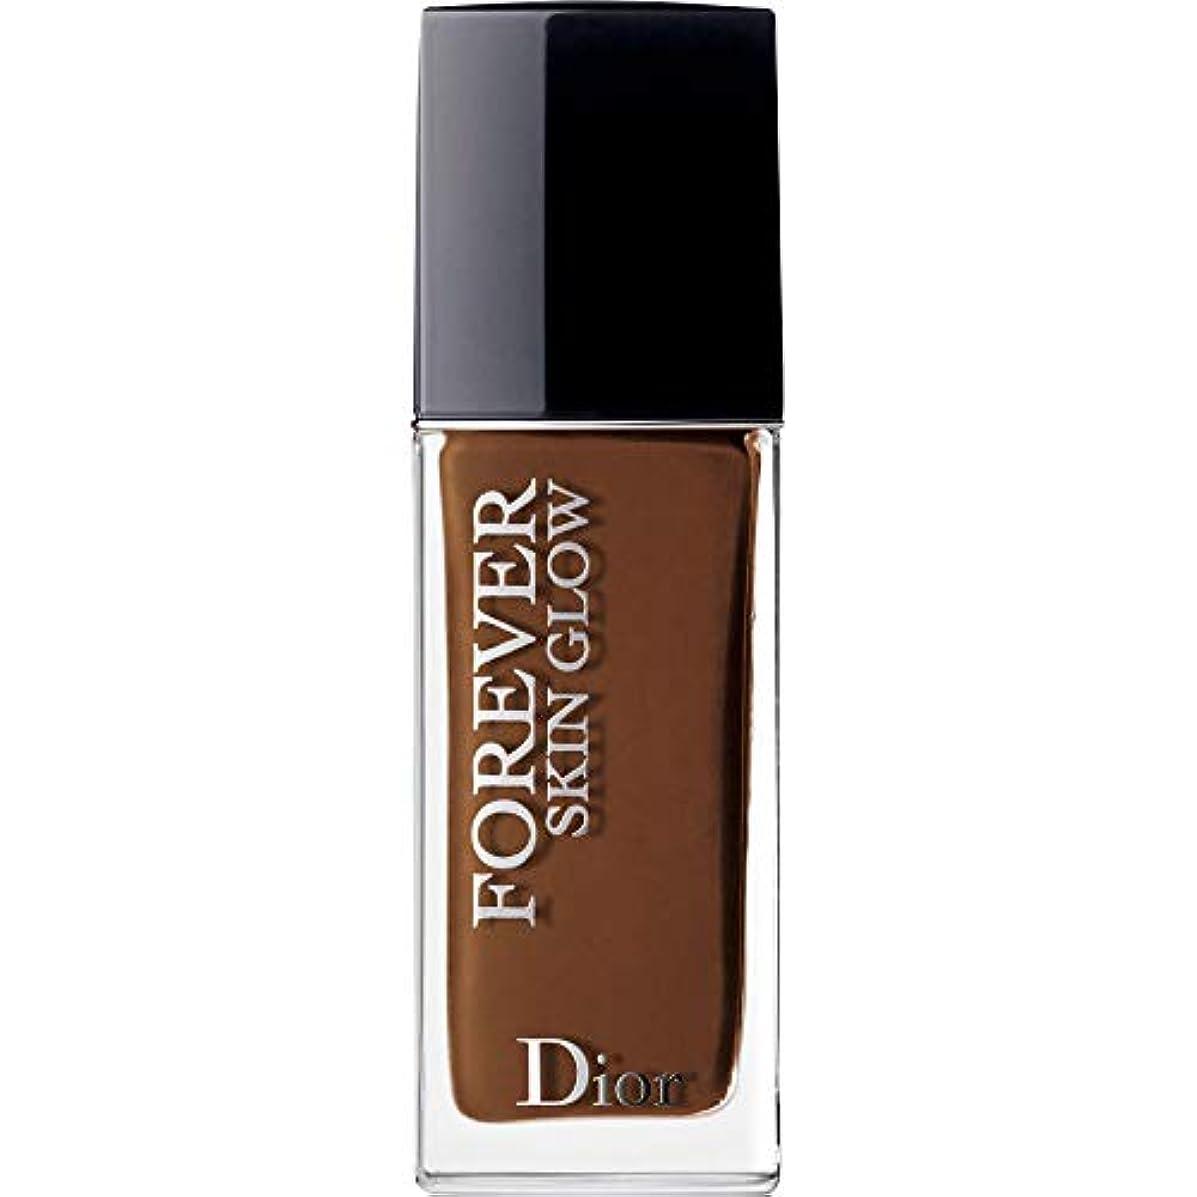 隠すブラウズ予測[Dior ] ディオール永遠に皮膚グロー皮膚思いやりの基礎Spf35 30ミリリットルの9N - ニュートラル(肌の輝き) - DIOR Forever Skin Glow Skin-Caring Foundation...